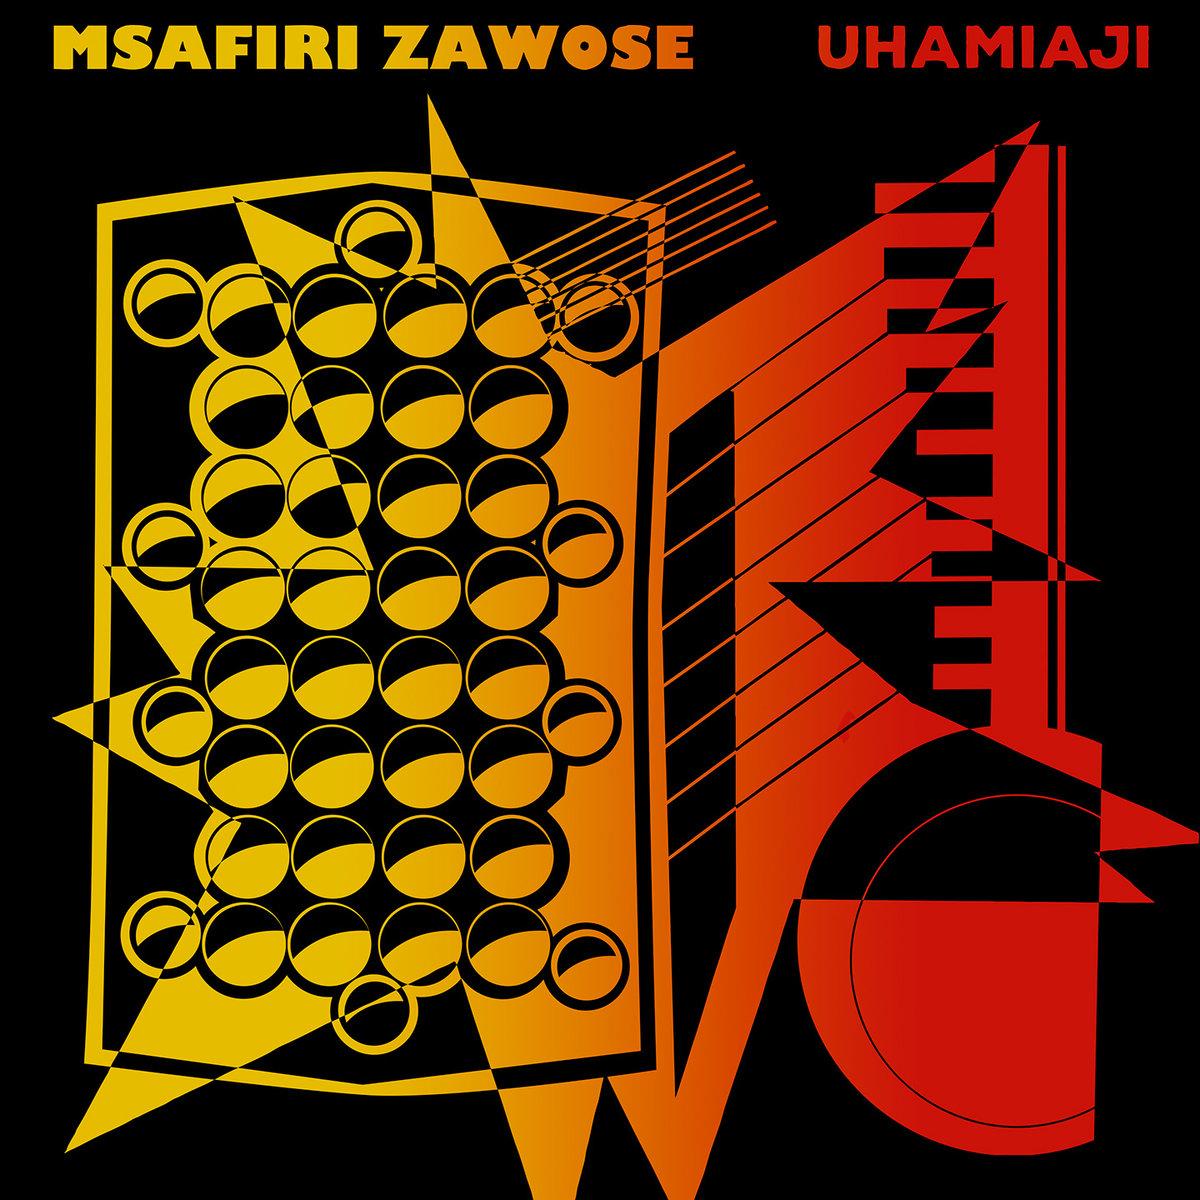 Uhamiaji